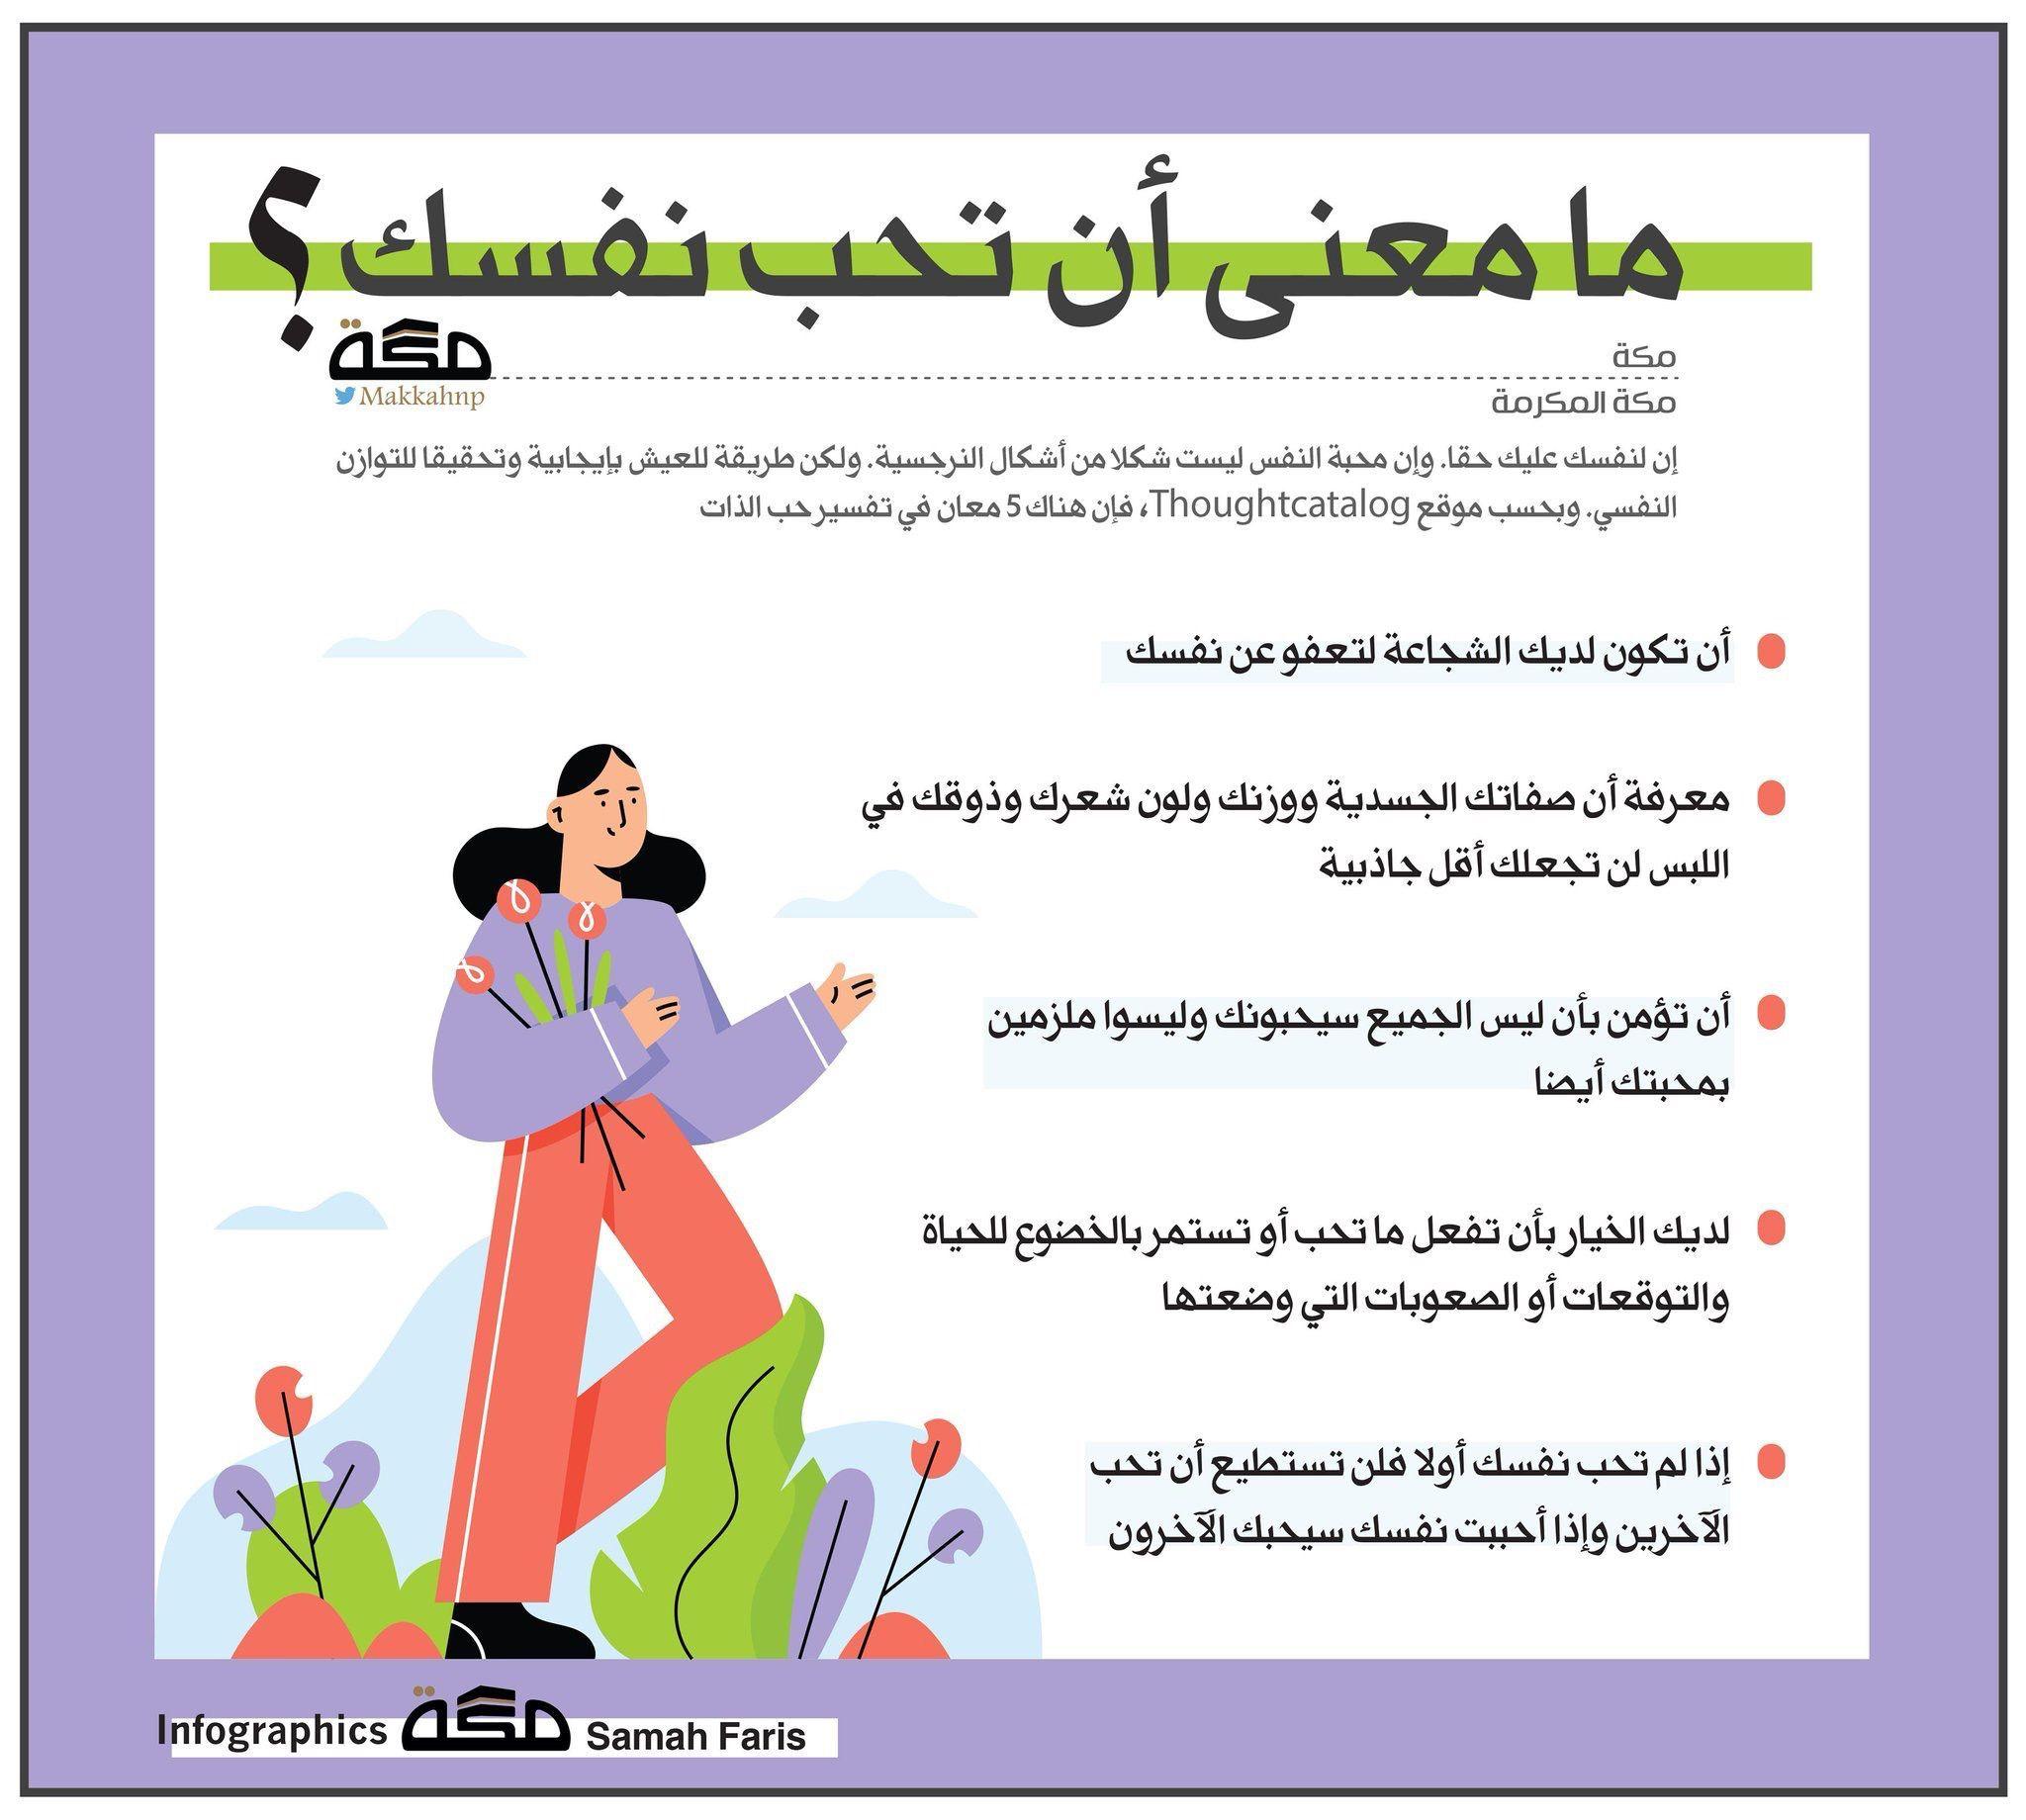 إنفوجرافيك ما معنى أن تحب نفسك Bit Ly 34xm8sd صحيفة مكة Infographic Family Guy Fictional Characters